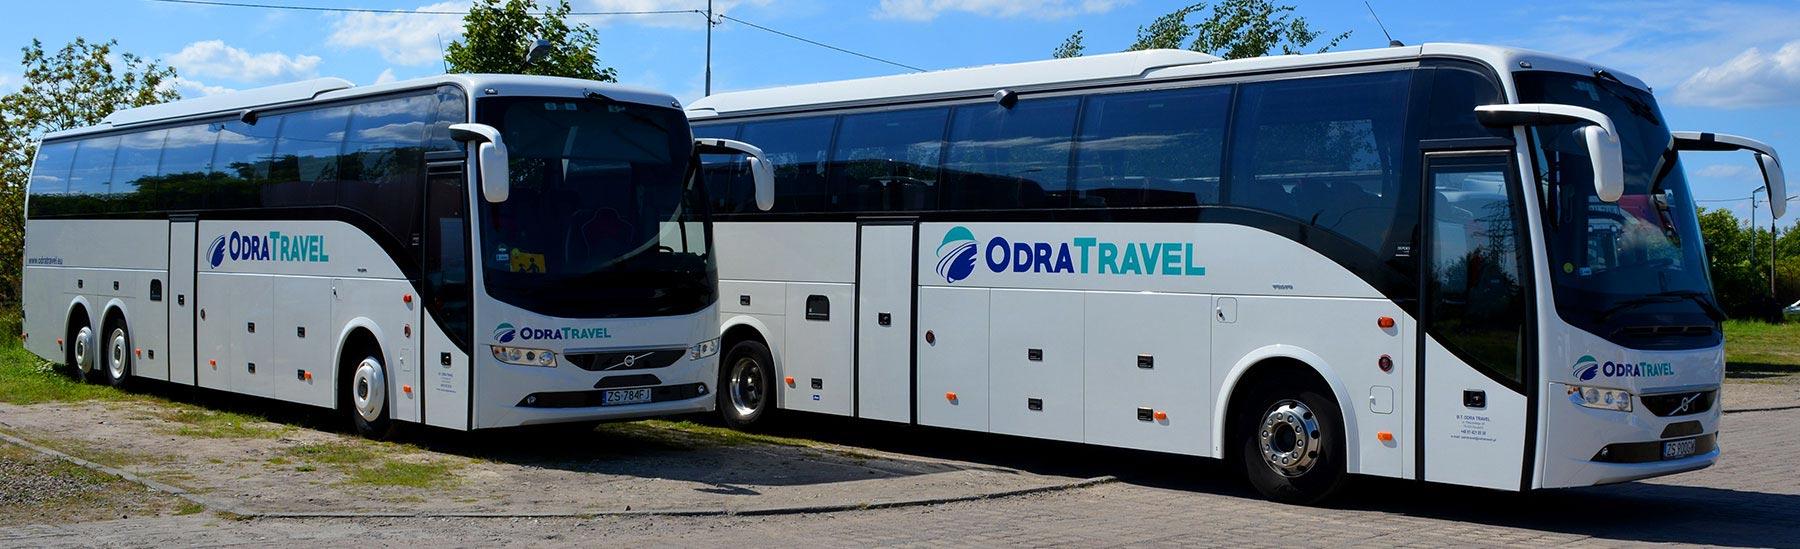 dwa autobusy na parkingu oklejone logiem biura podroózy ODRA TRAVEL